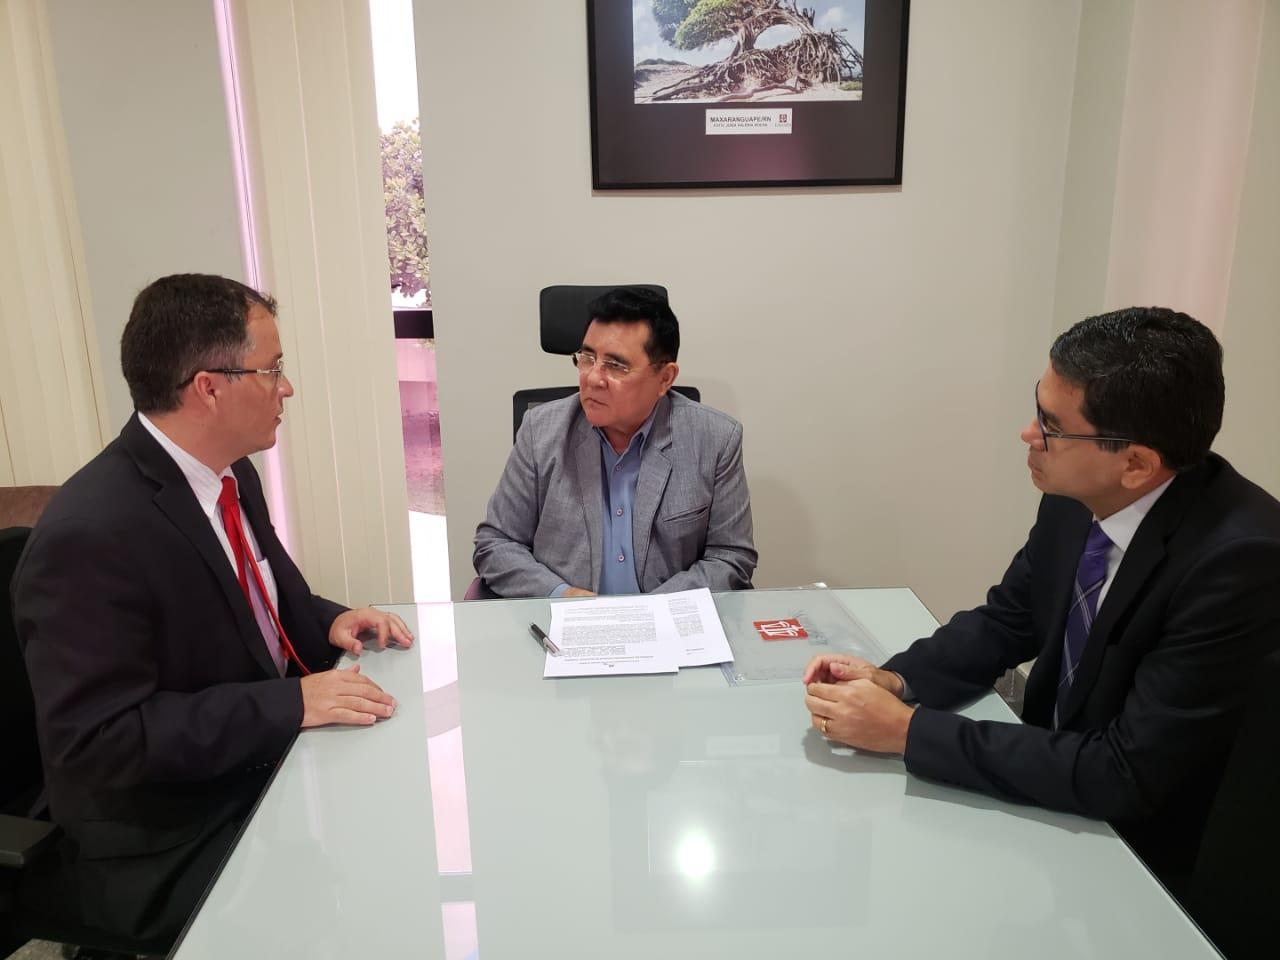 Escola de Magistratura Federal assina termo de cooperação com a Esmarn